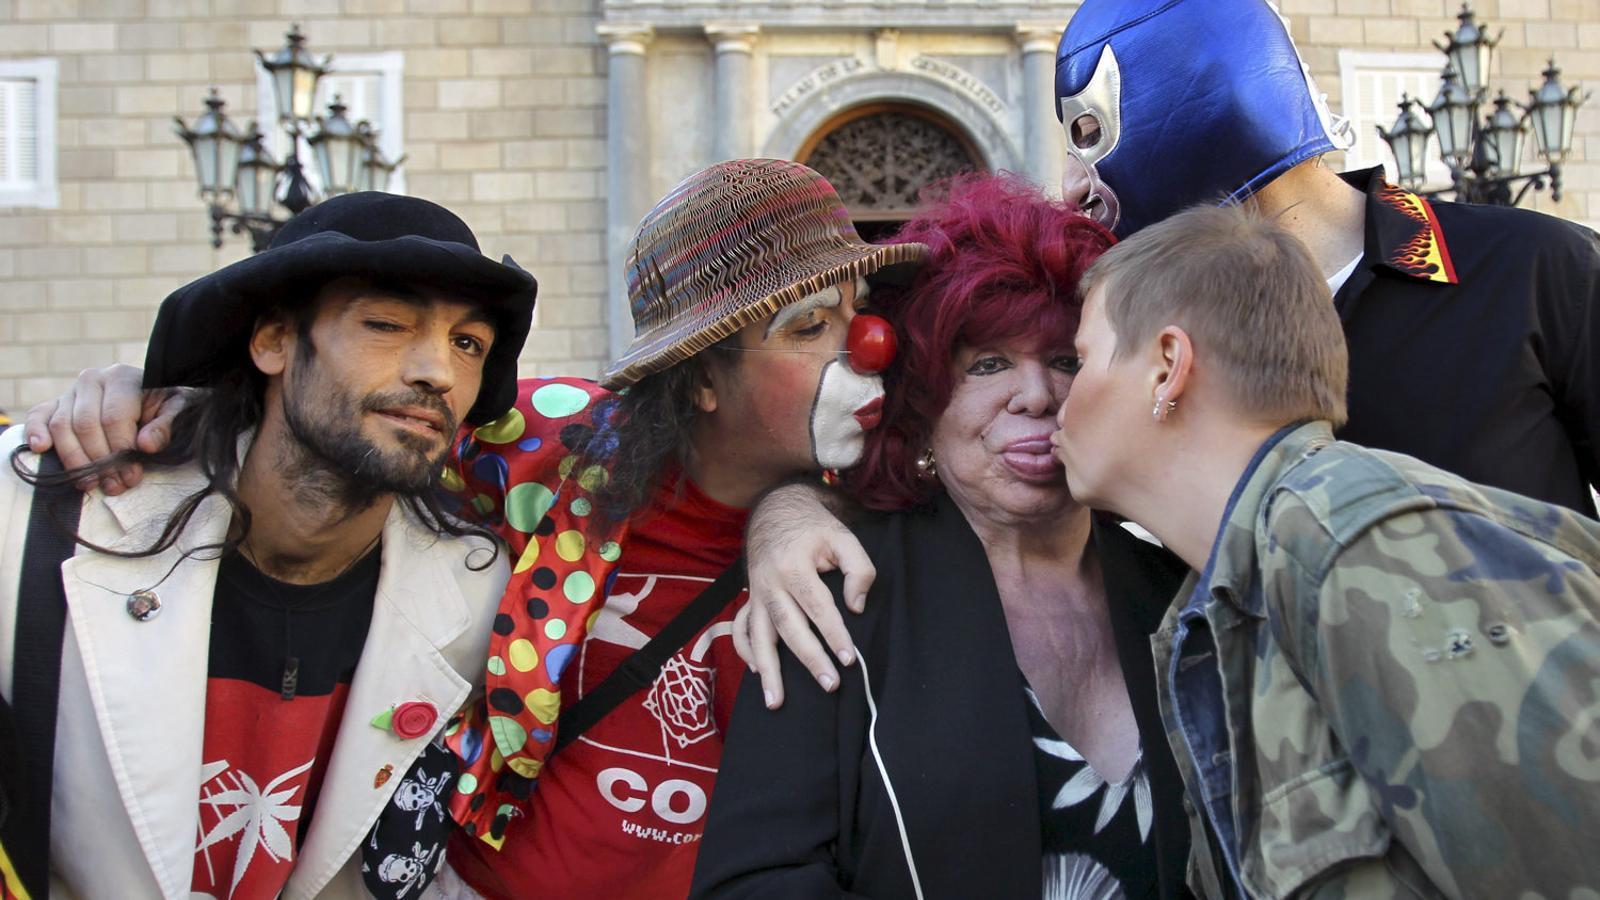 La Cori: el partit 'freak' que va sacsejar l'oasi català fa 15 anys